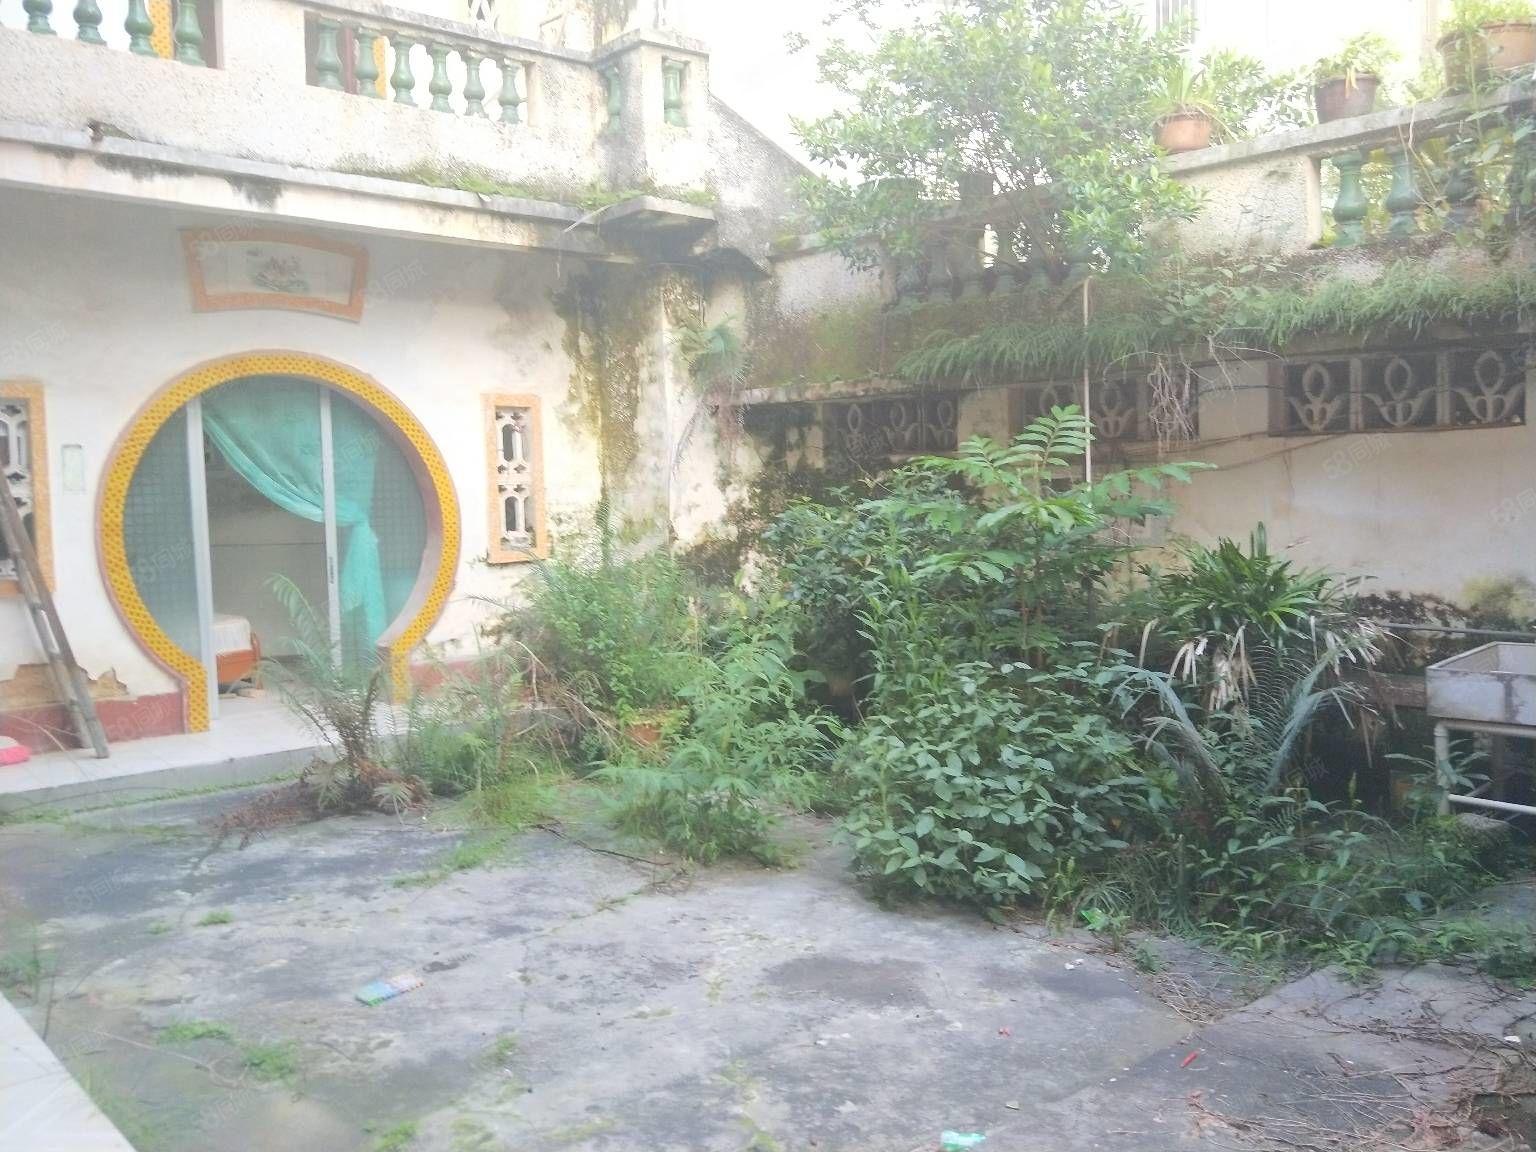 刚需捡漏了,一中附近栋房出售阳光充足,交通方便,可拆旧建新